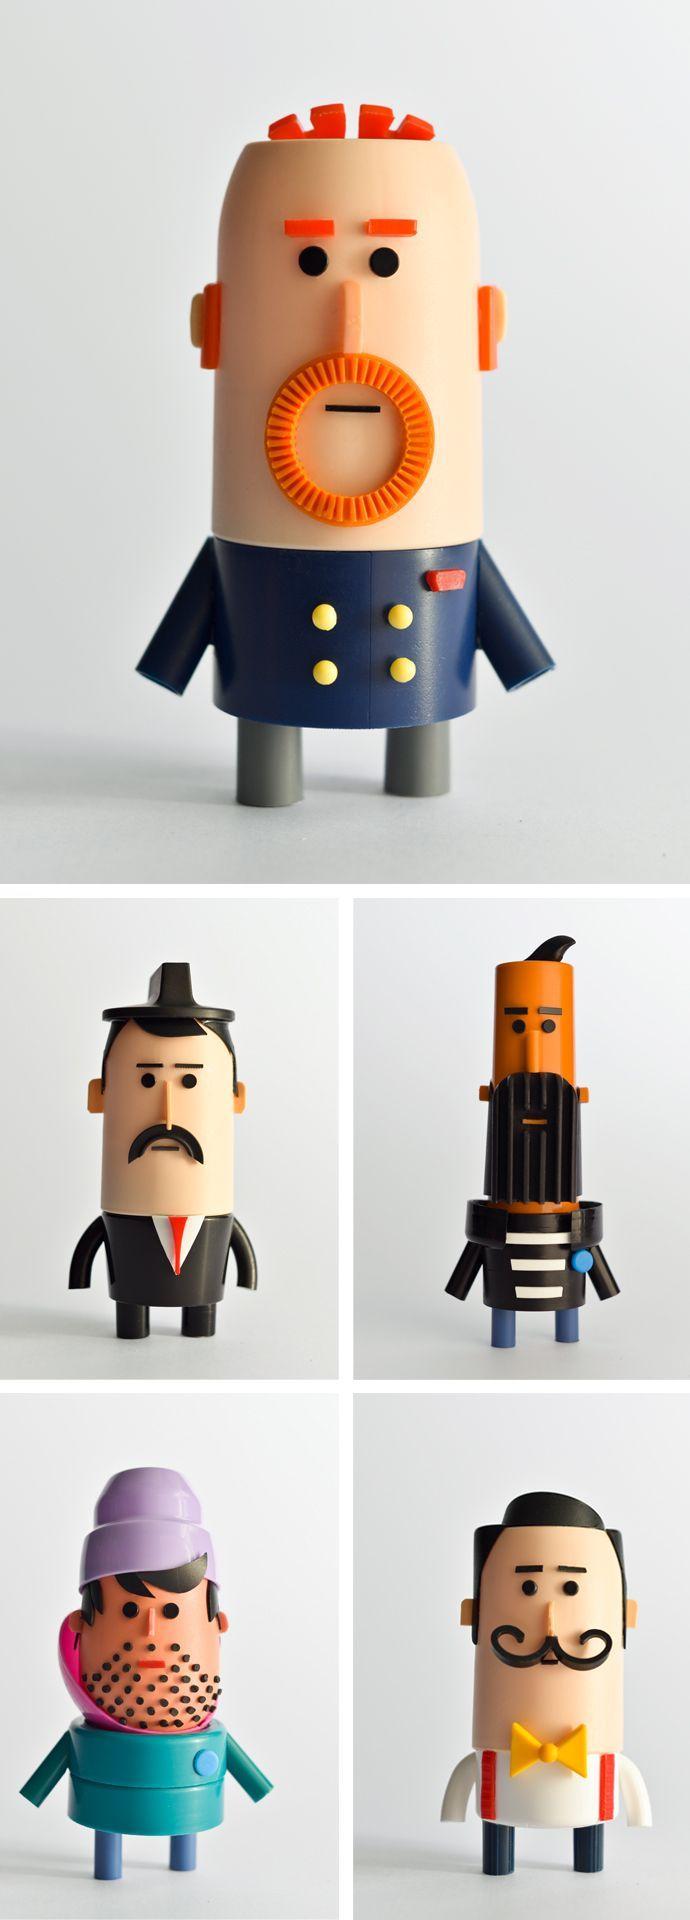 Olivier Goka conçoit cette très amusante série pour Cosmopolitan sur les hommes à barbe et à moustaches.